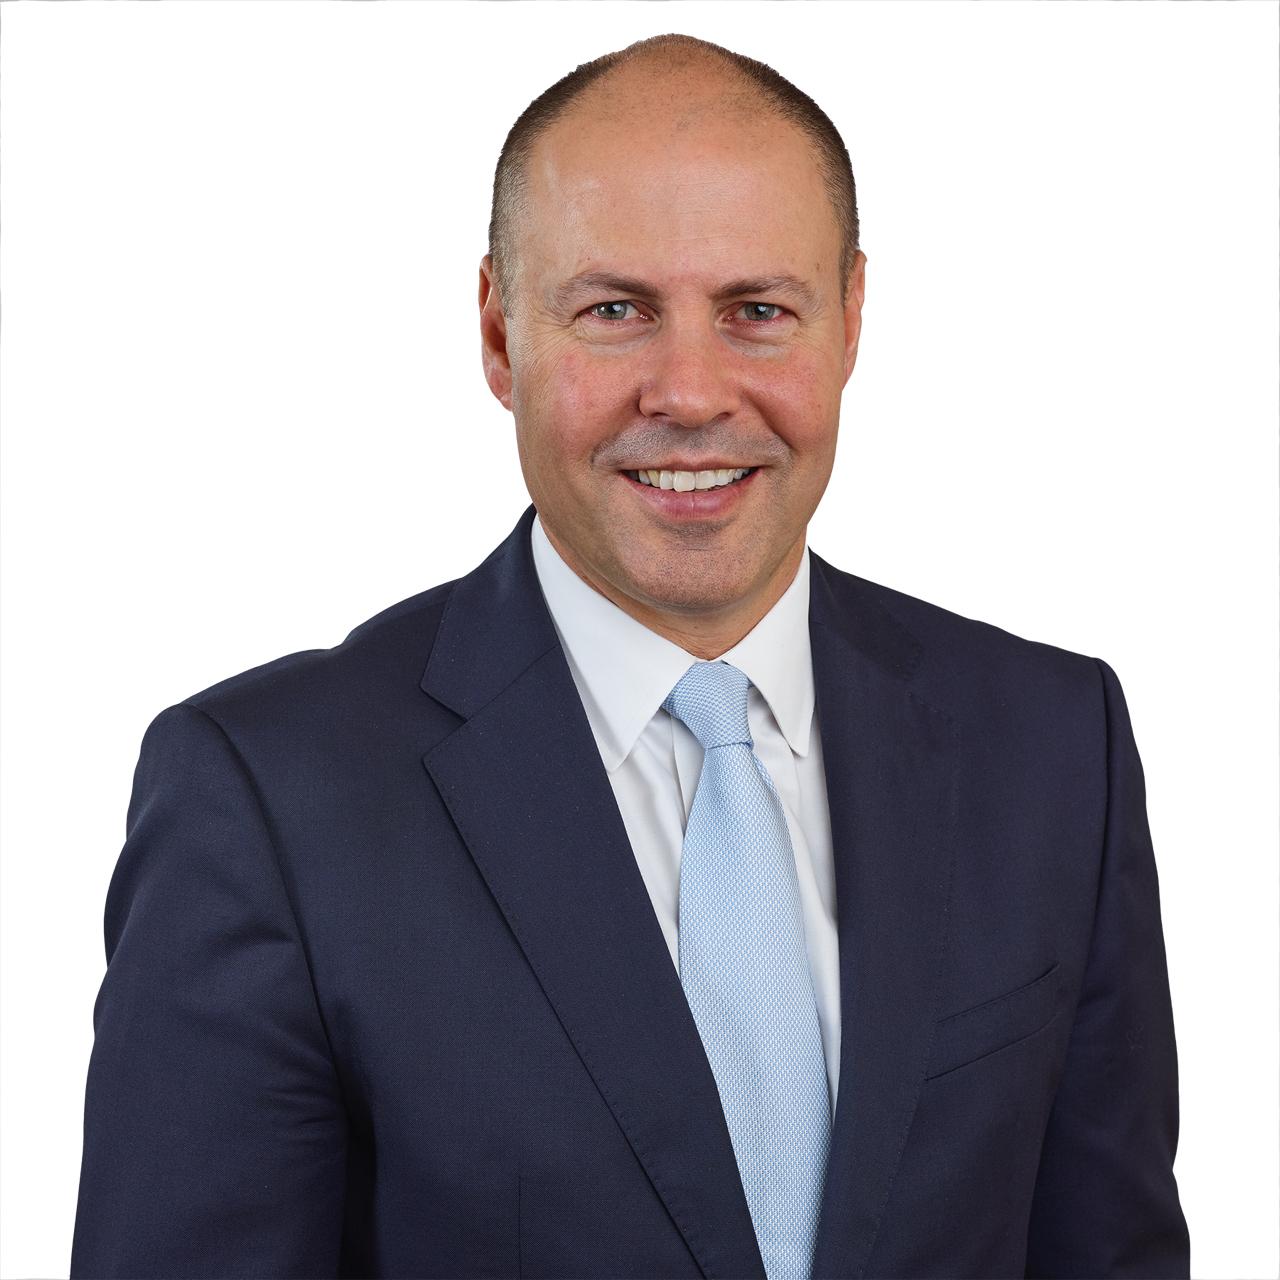 The Hon. Josh Frydenberg MP